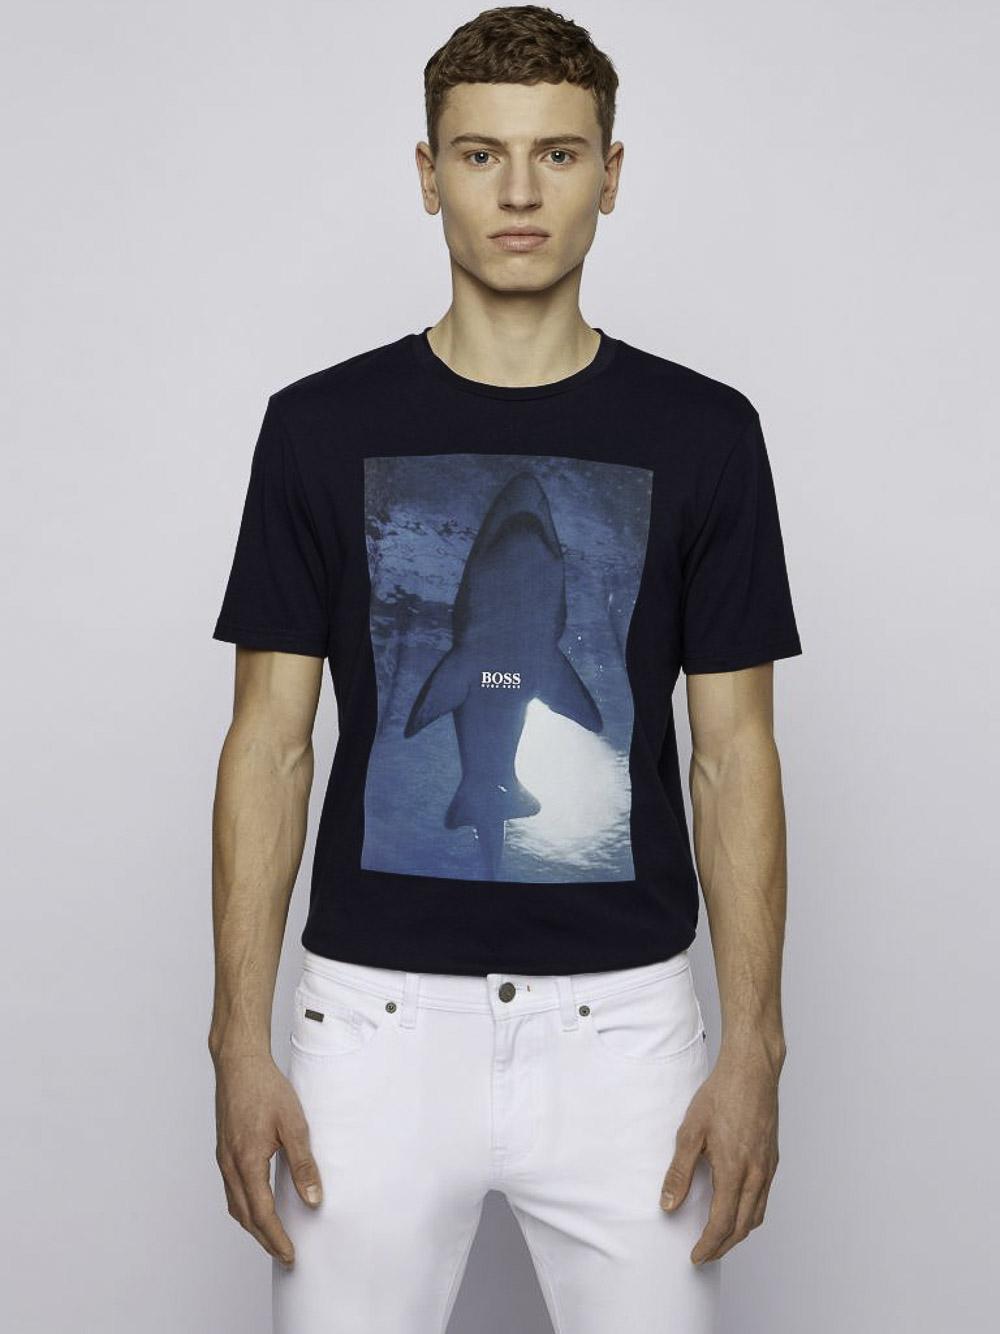 BOSS Μπλούζα t-shirt 50450911-404 ΜΠΛΕ ΣΚΟΥΡΟ